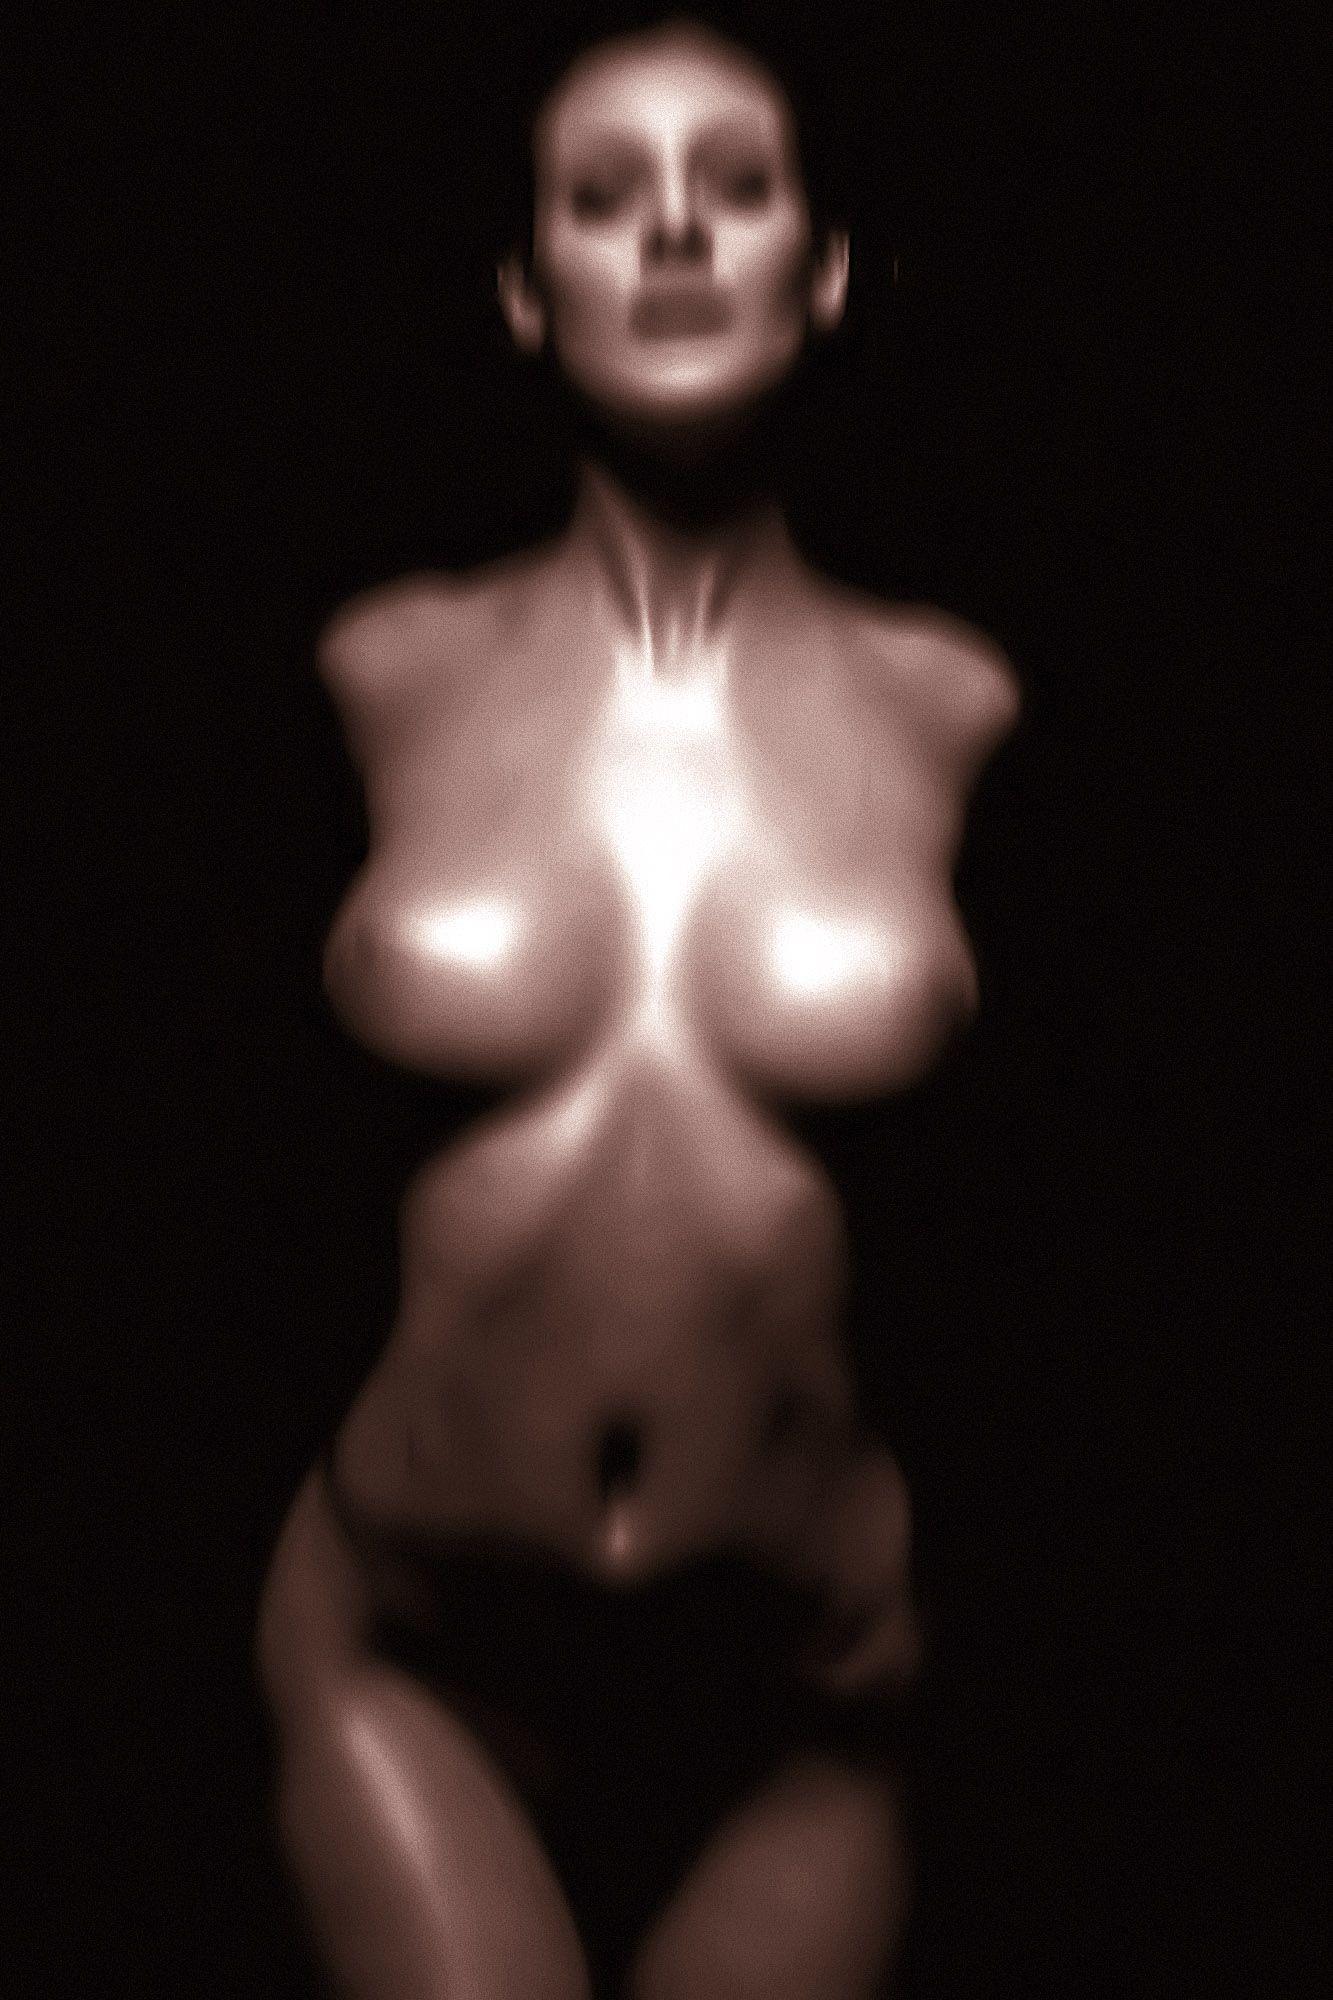 Nude model dump